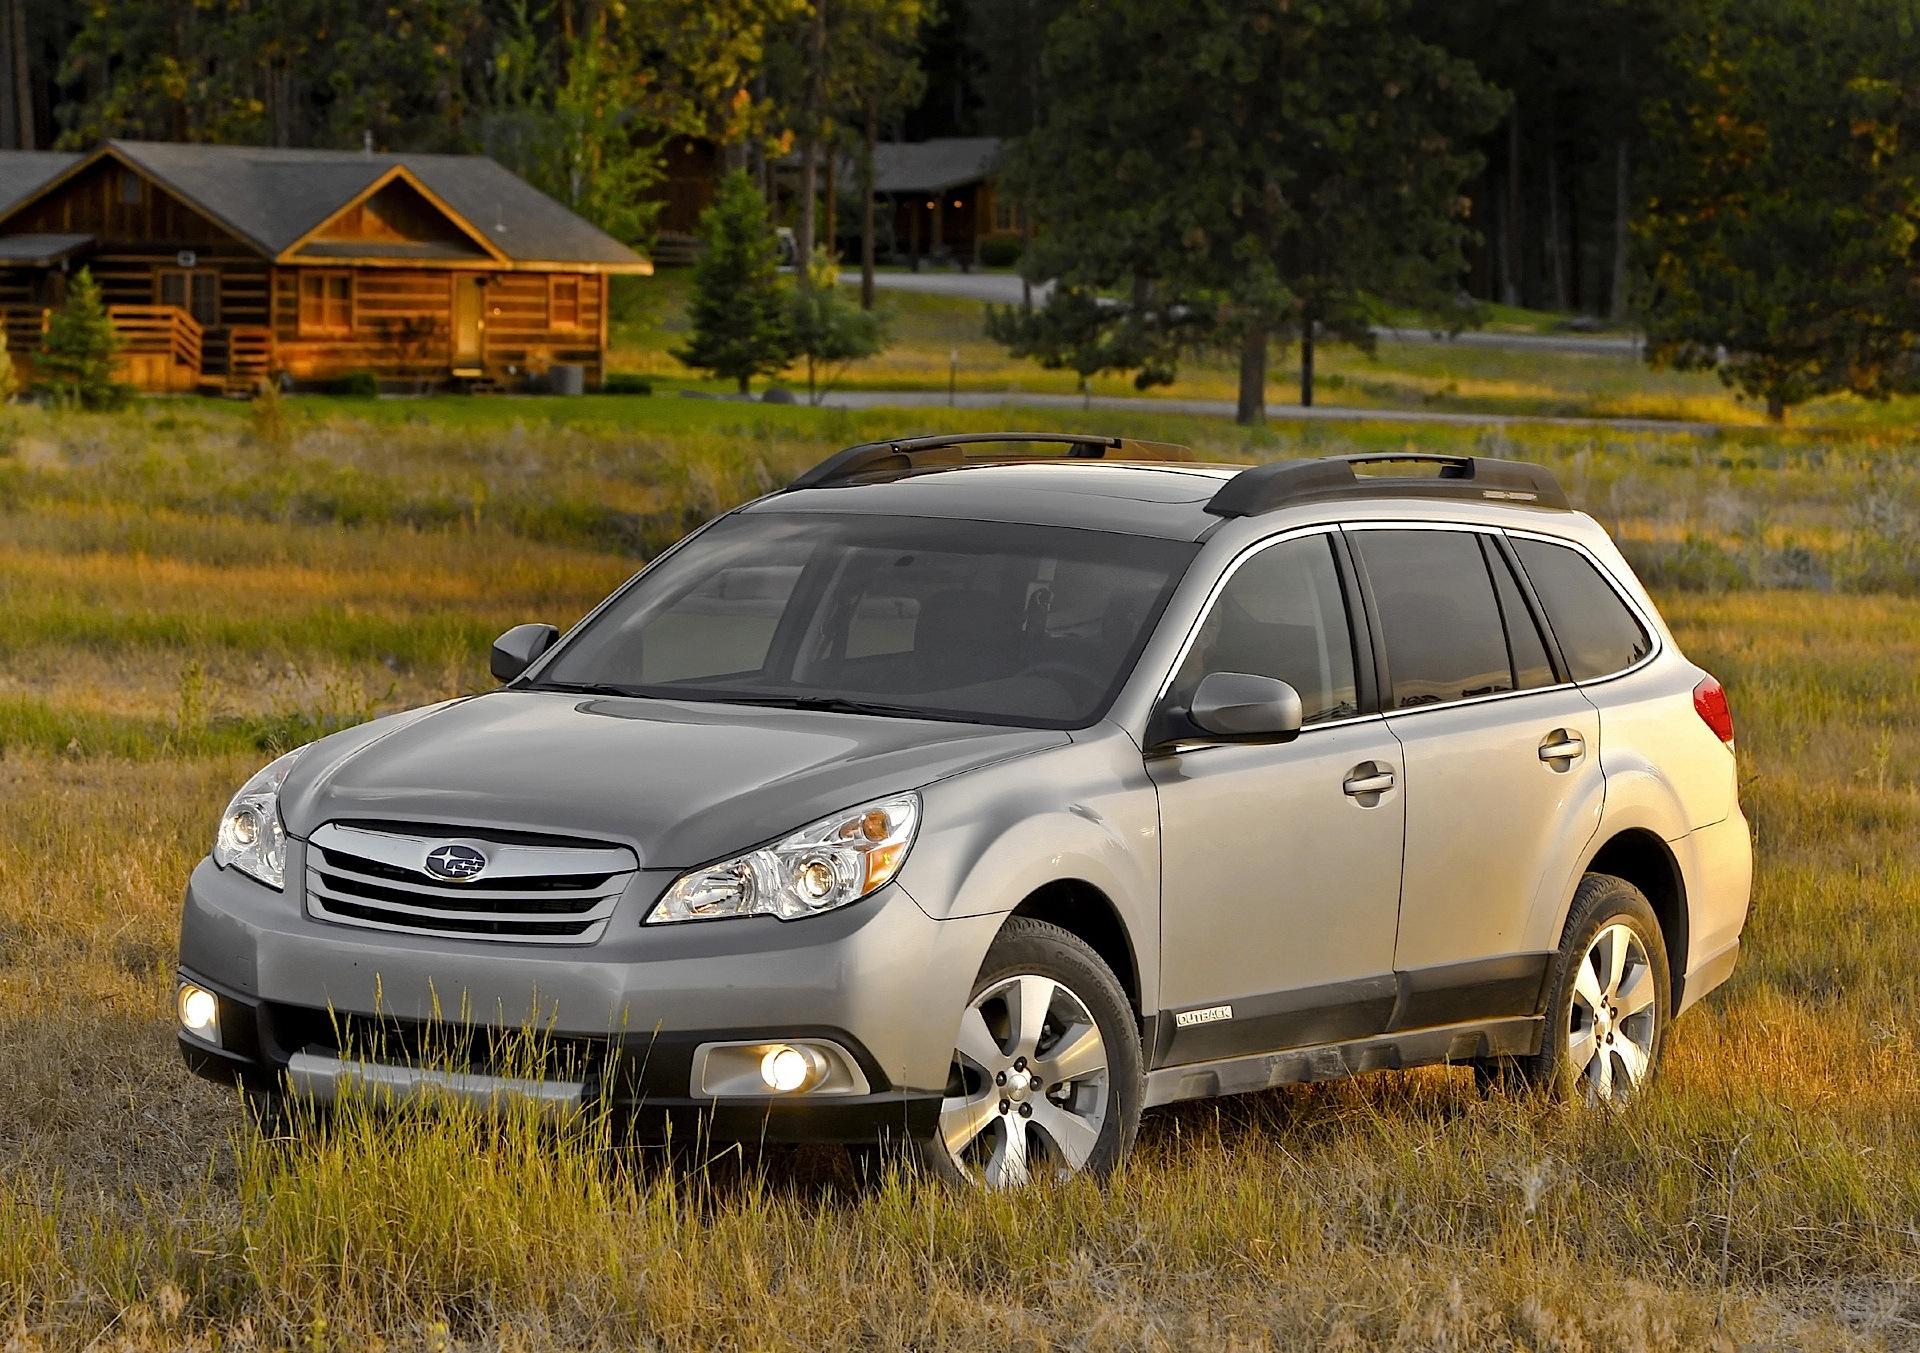 2009 Subaru Legacy Sedan and Outback Wagon |2009 Subaru Outback